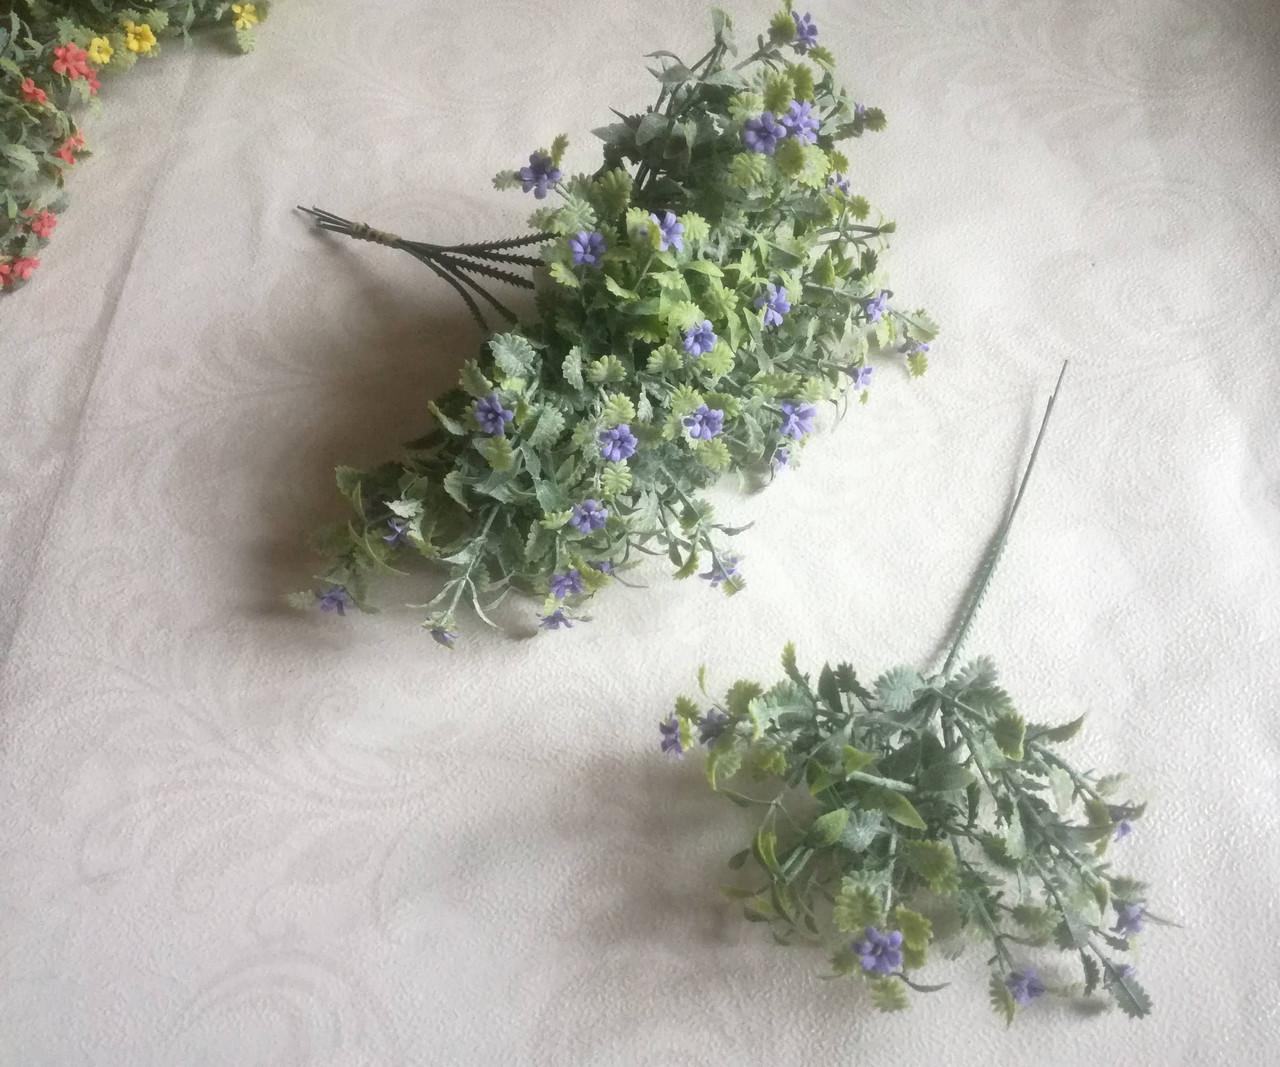 Добавка пік м'ята квітуча, лавандова